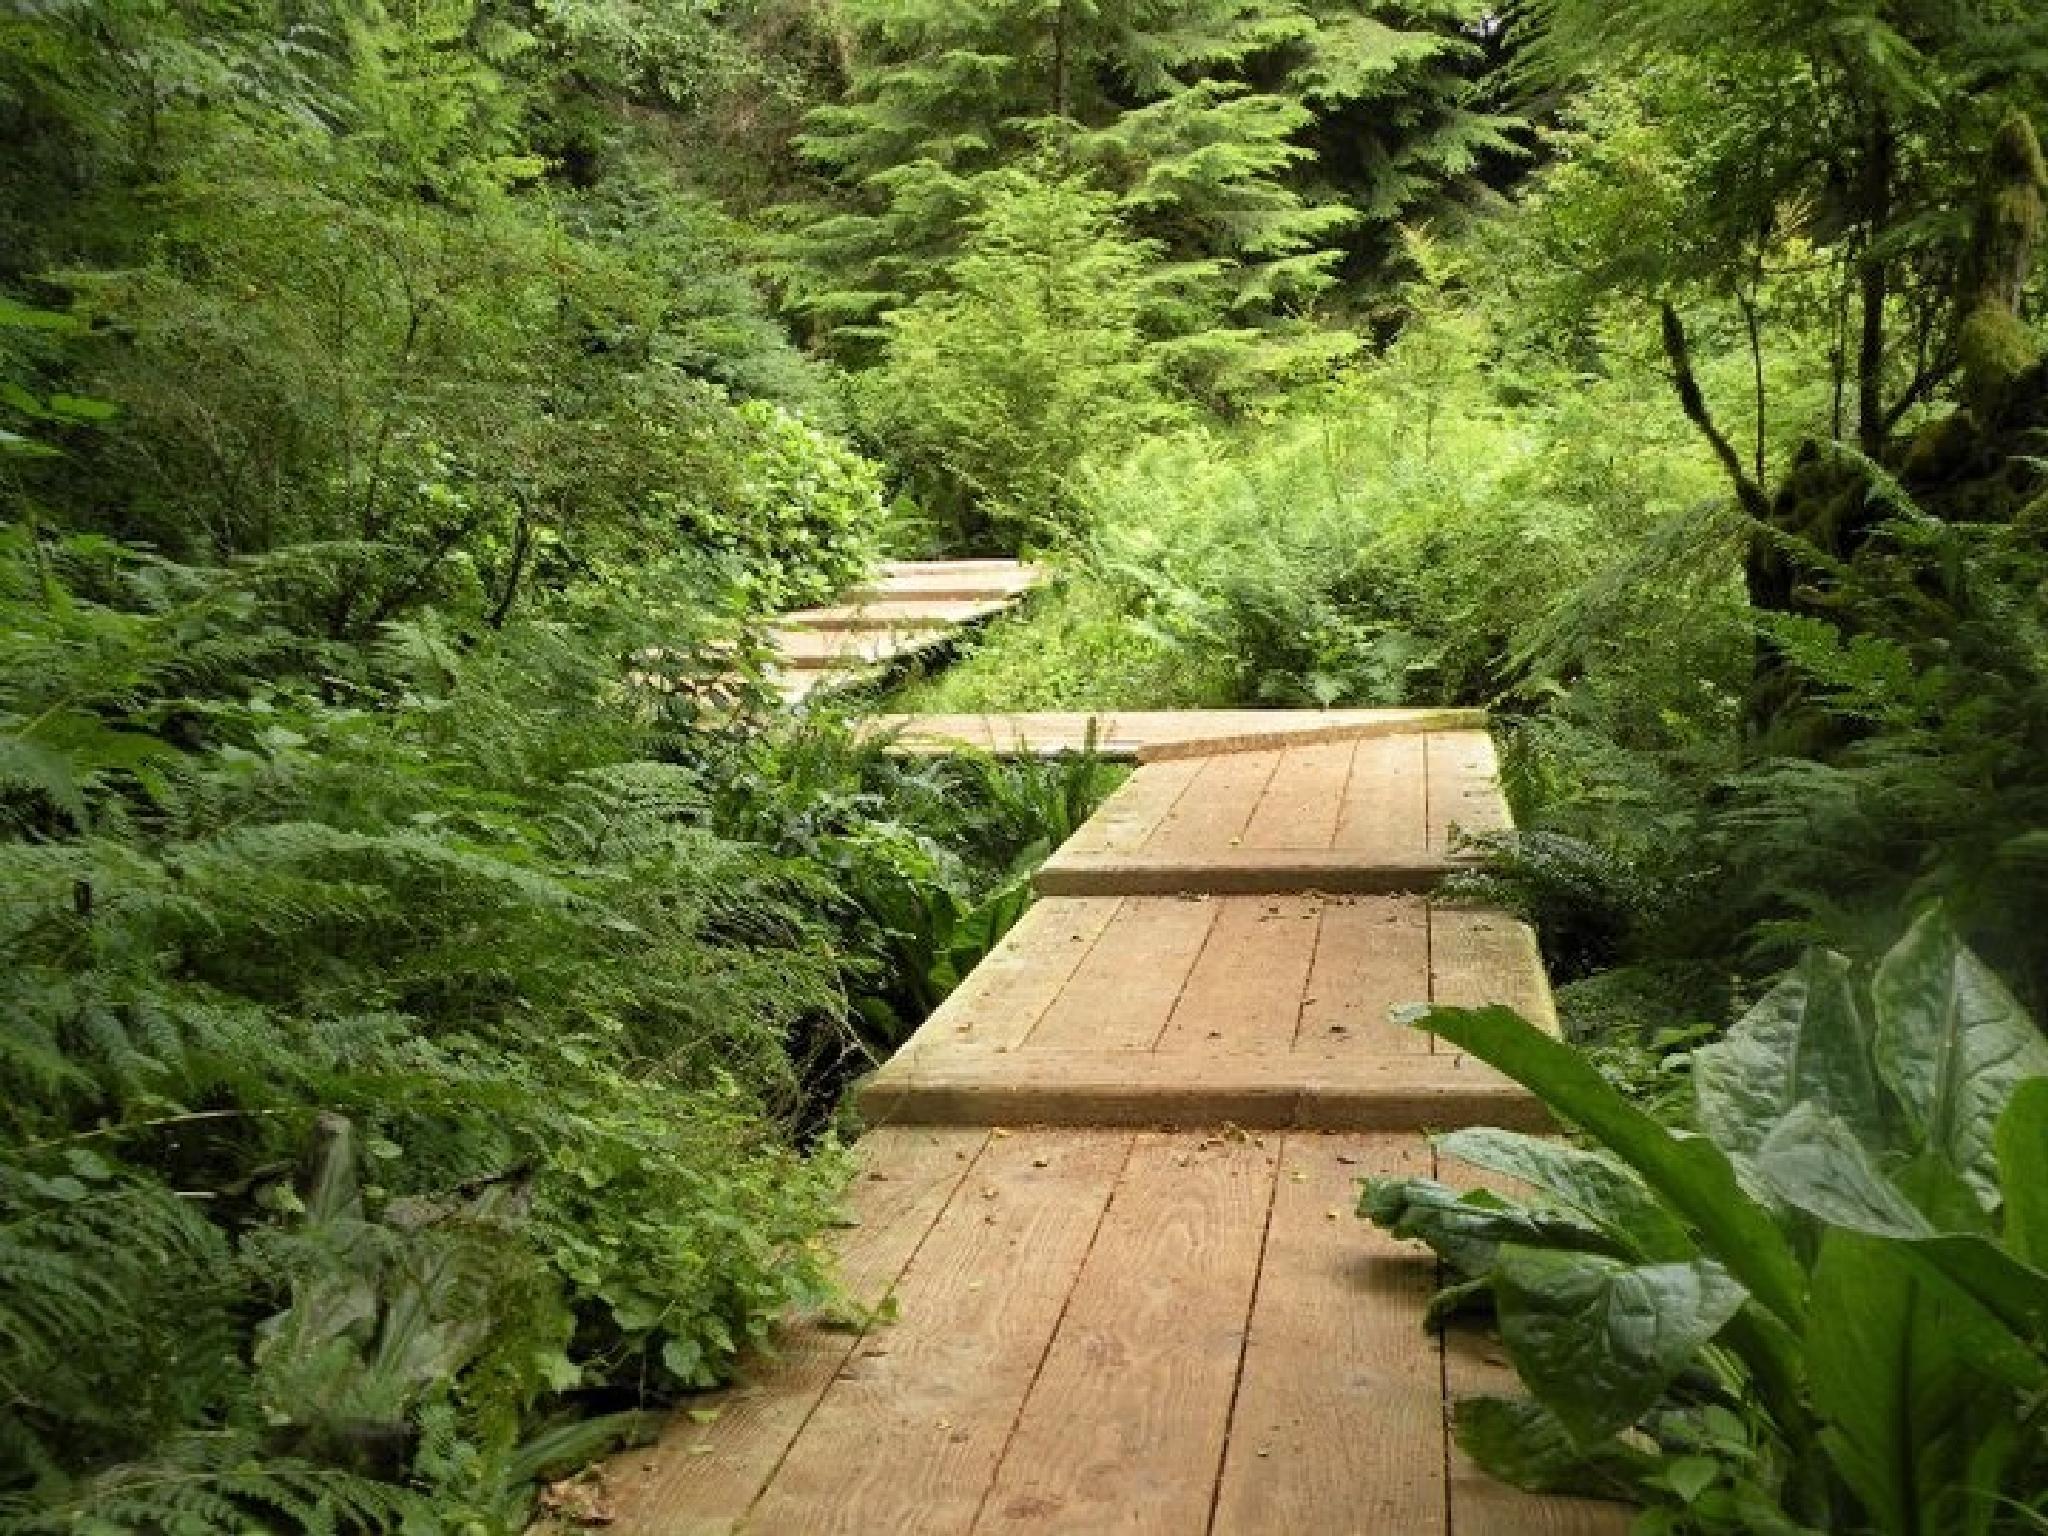 Bridge To Nowhere by VickiB